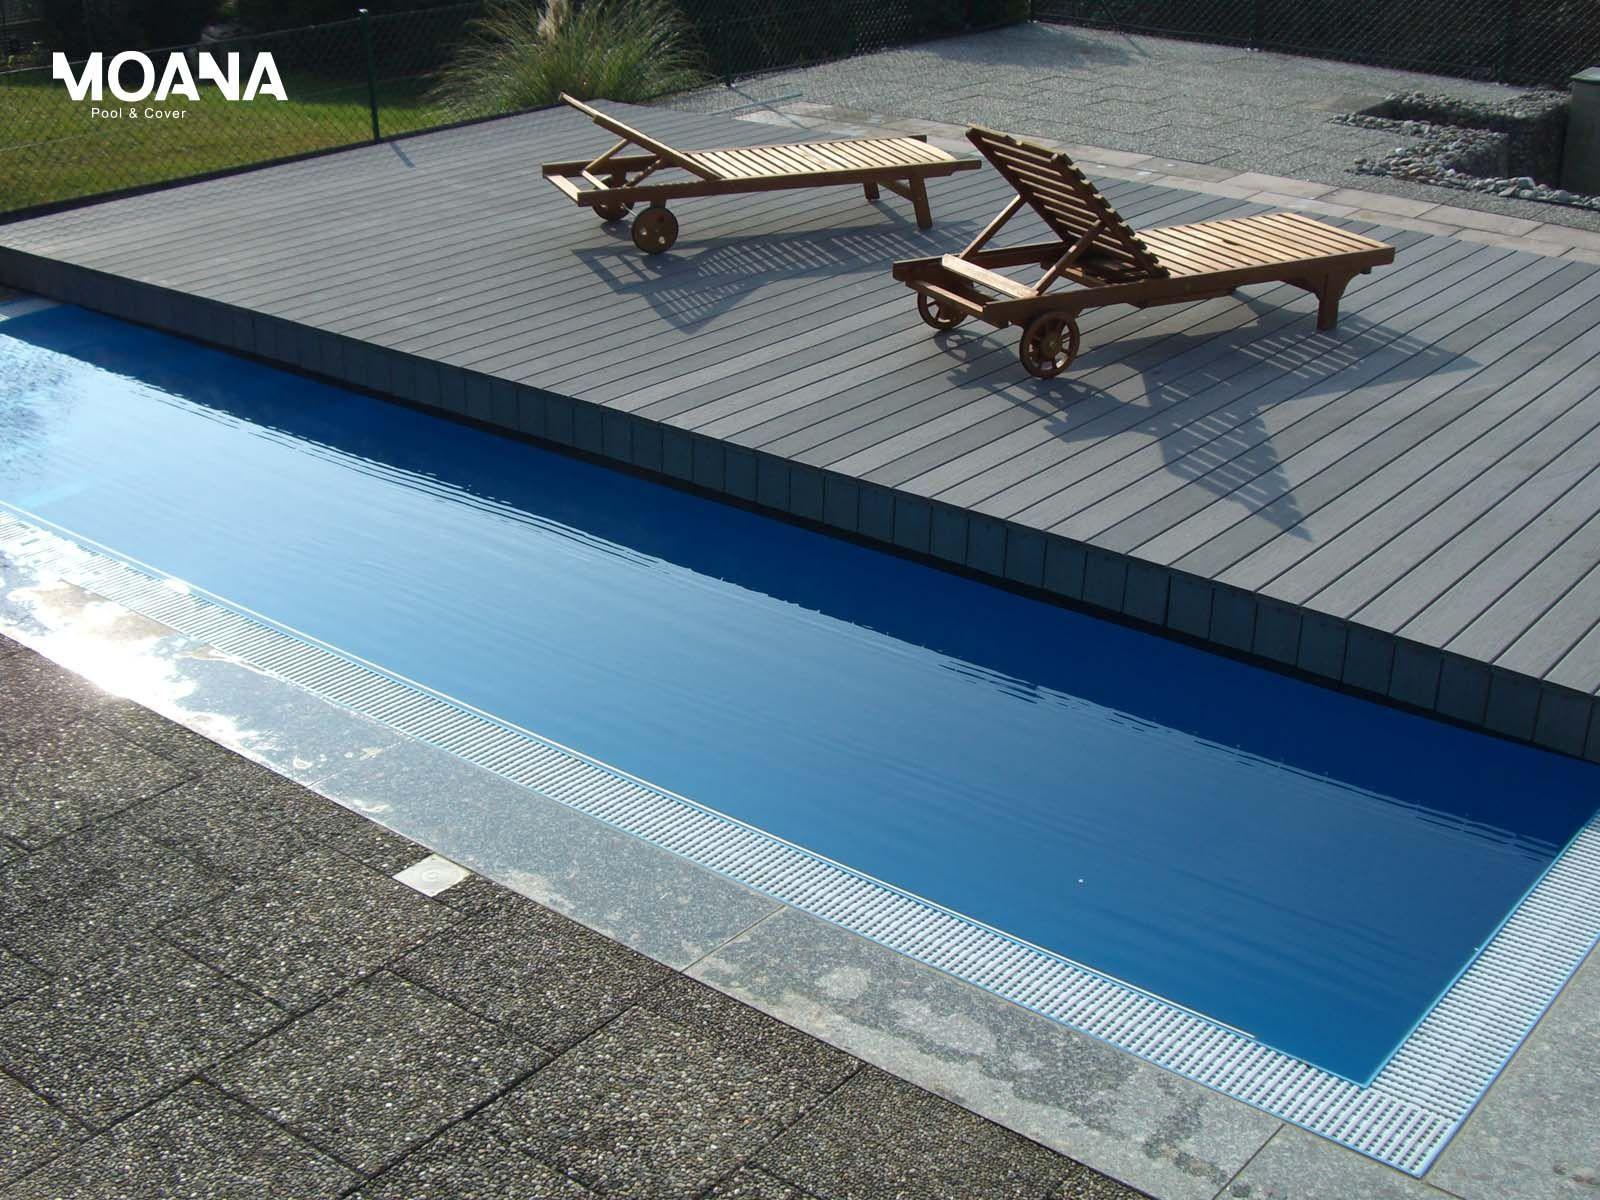 Pooldeck Terrace die begehbare Schwimmbadabdeckung